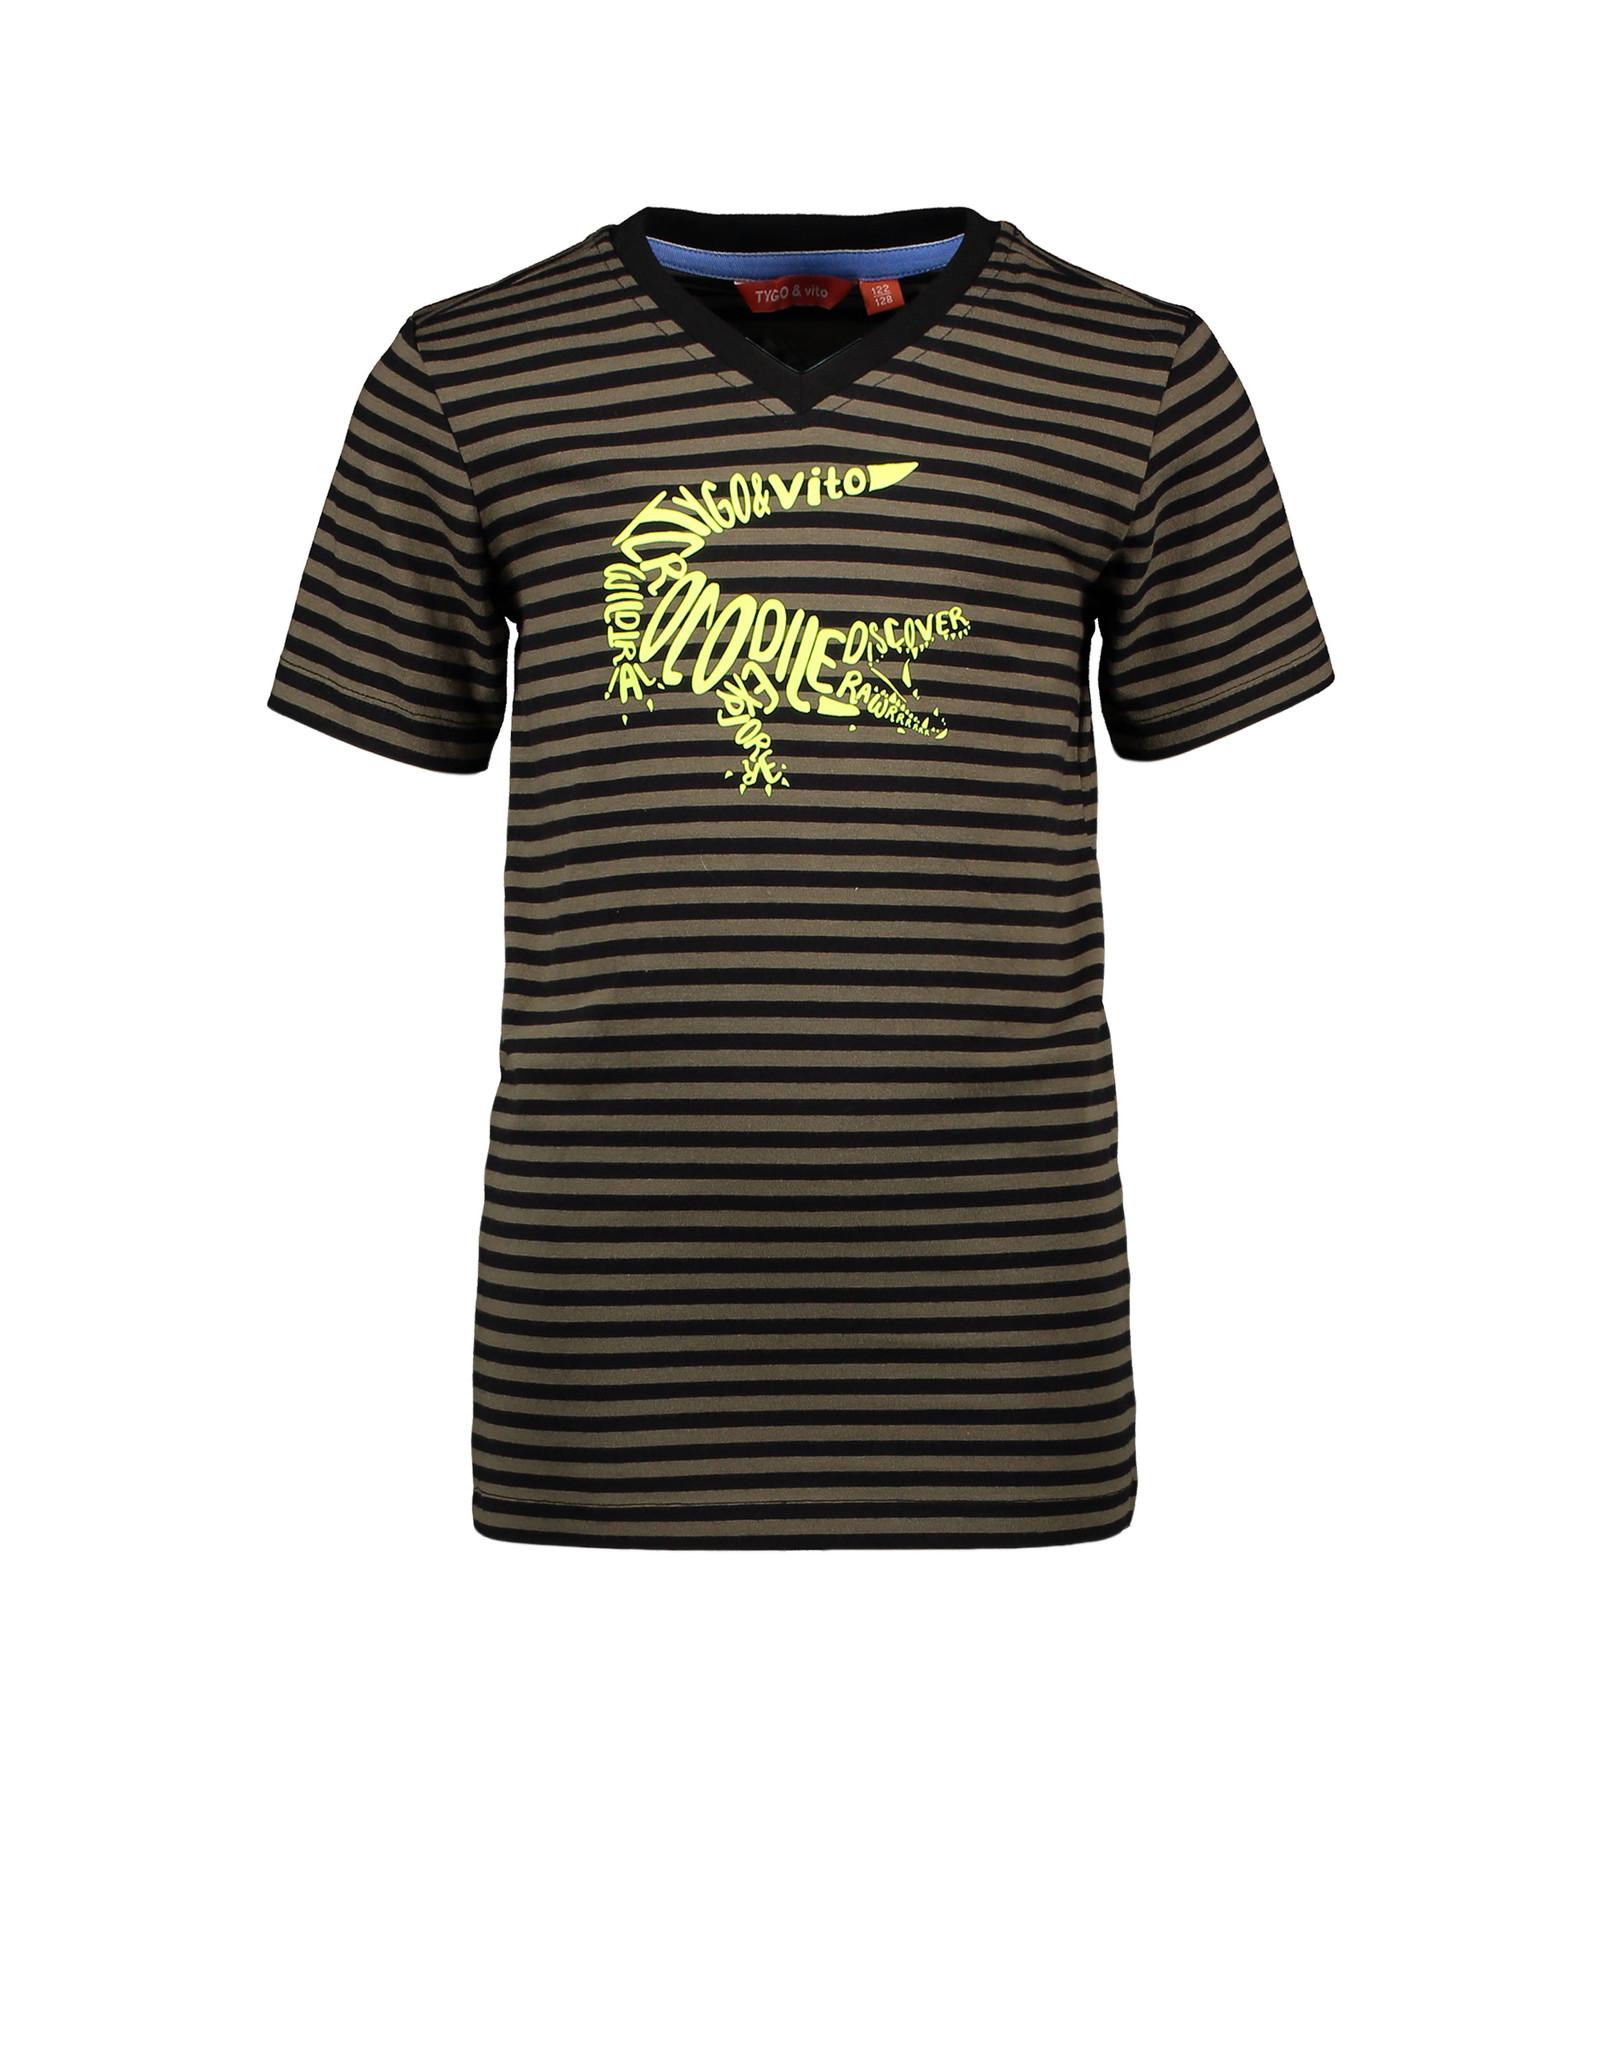 Tygo & Vito T-shirt gestreept krokodil